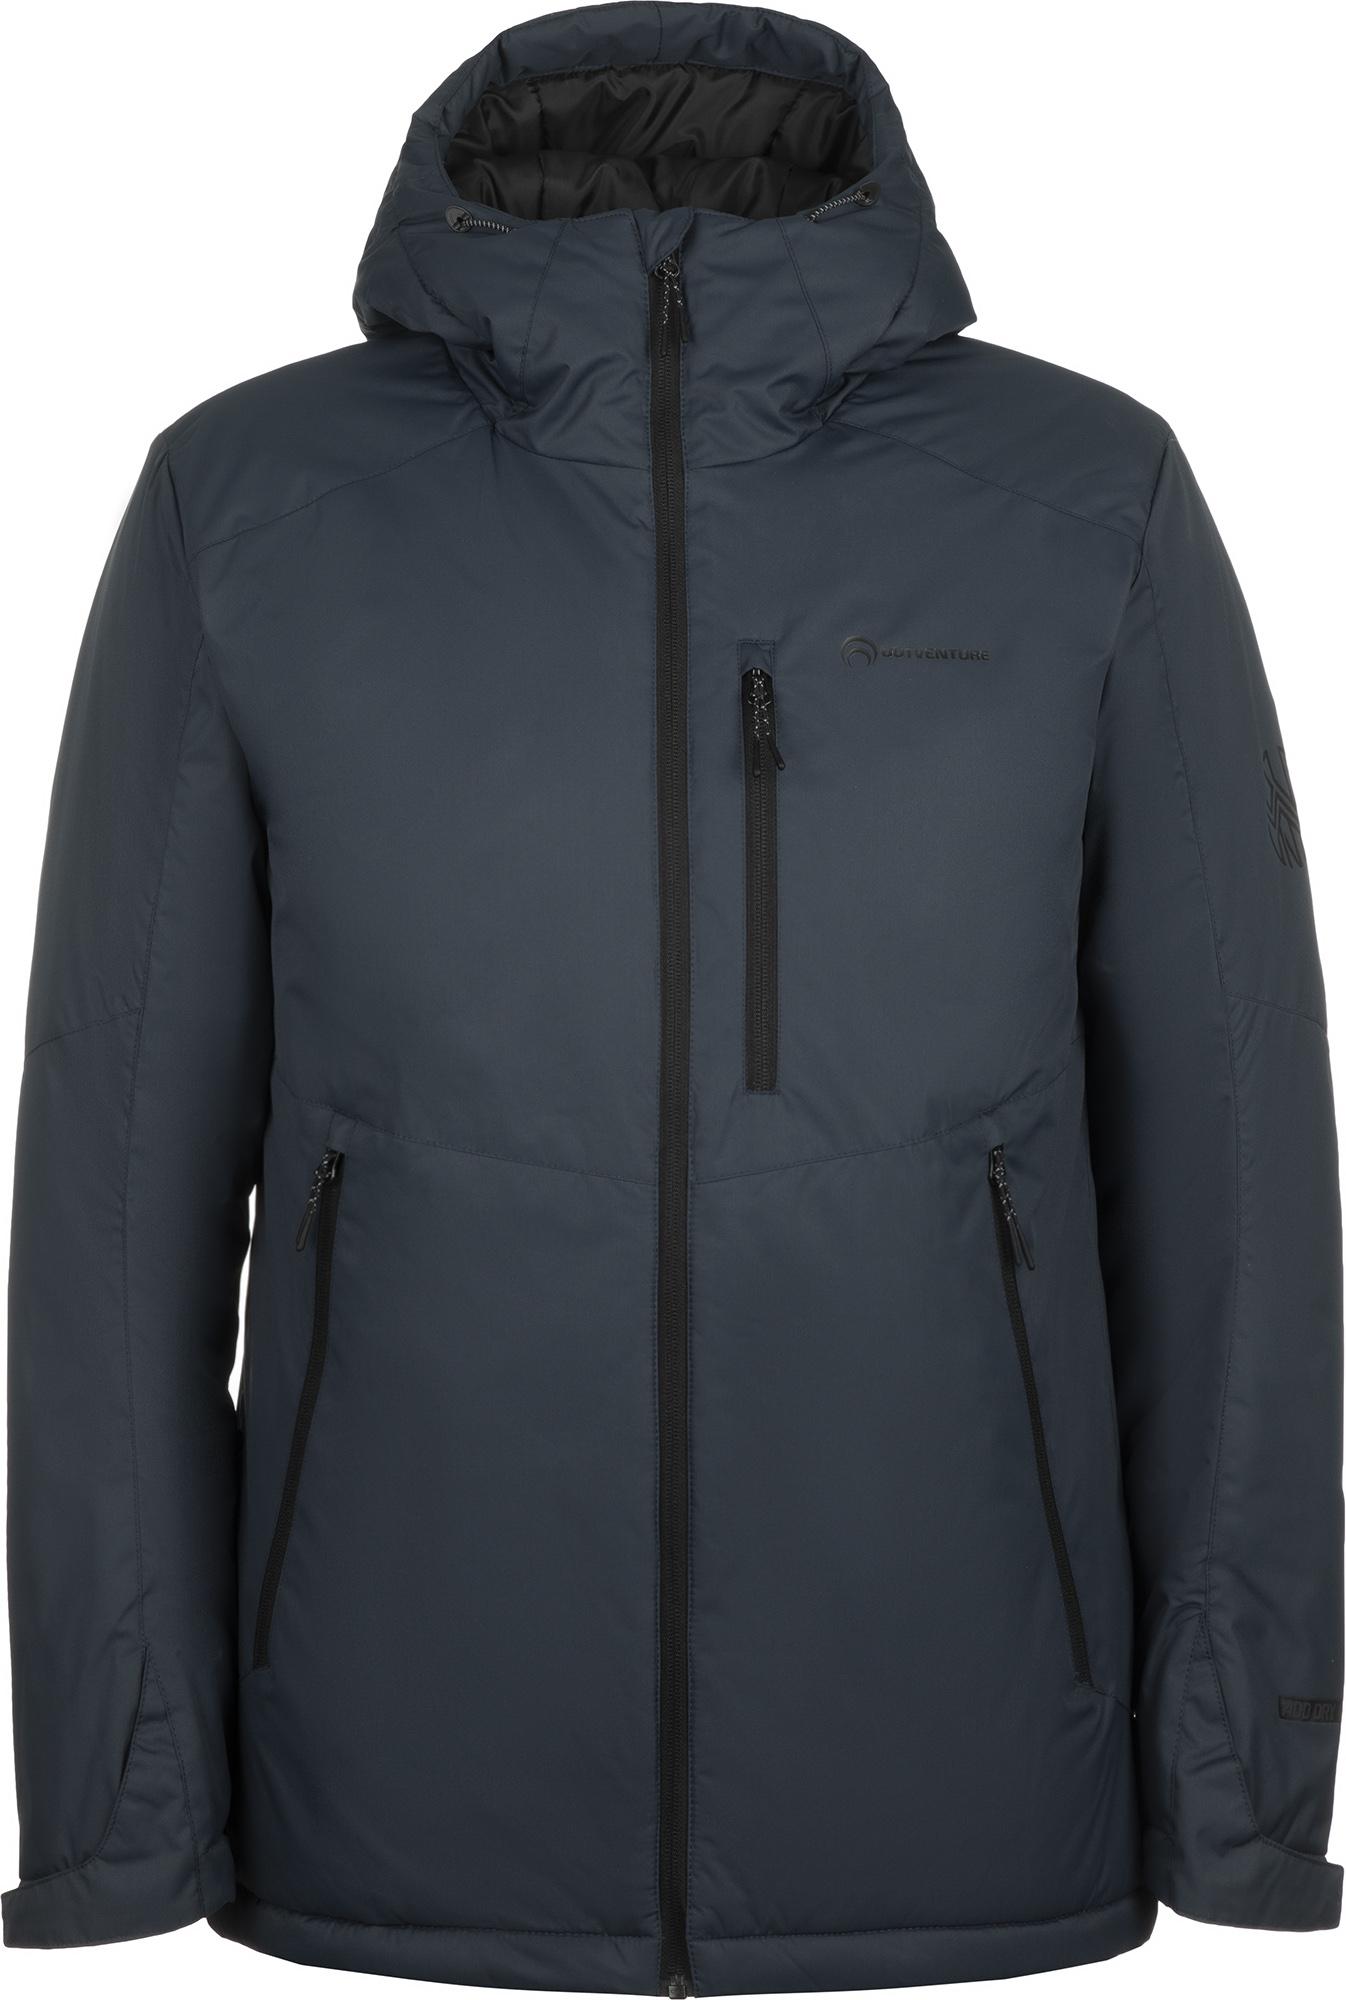 Фото - Outventure Куртка утепленная мужская Outventure, размер 54 outventure куртка утепленная мужская outventure размер 50